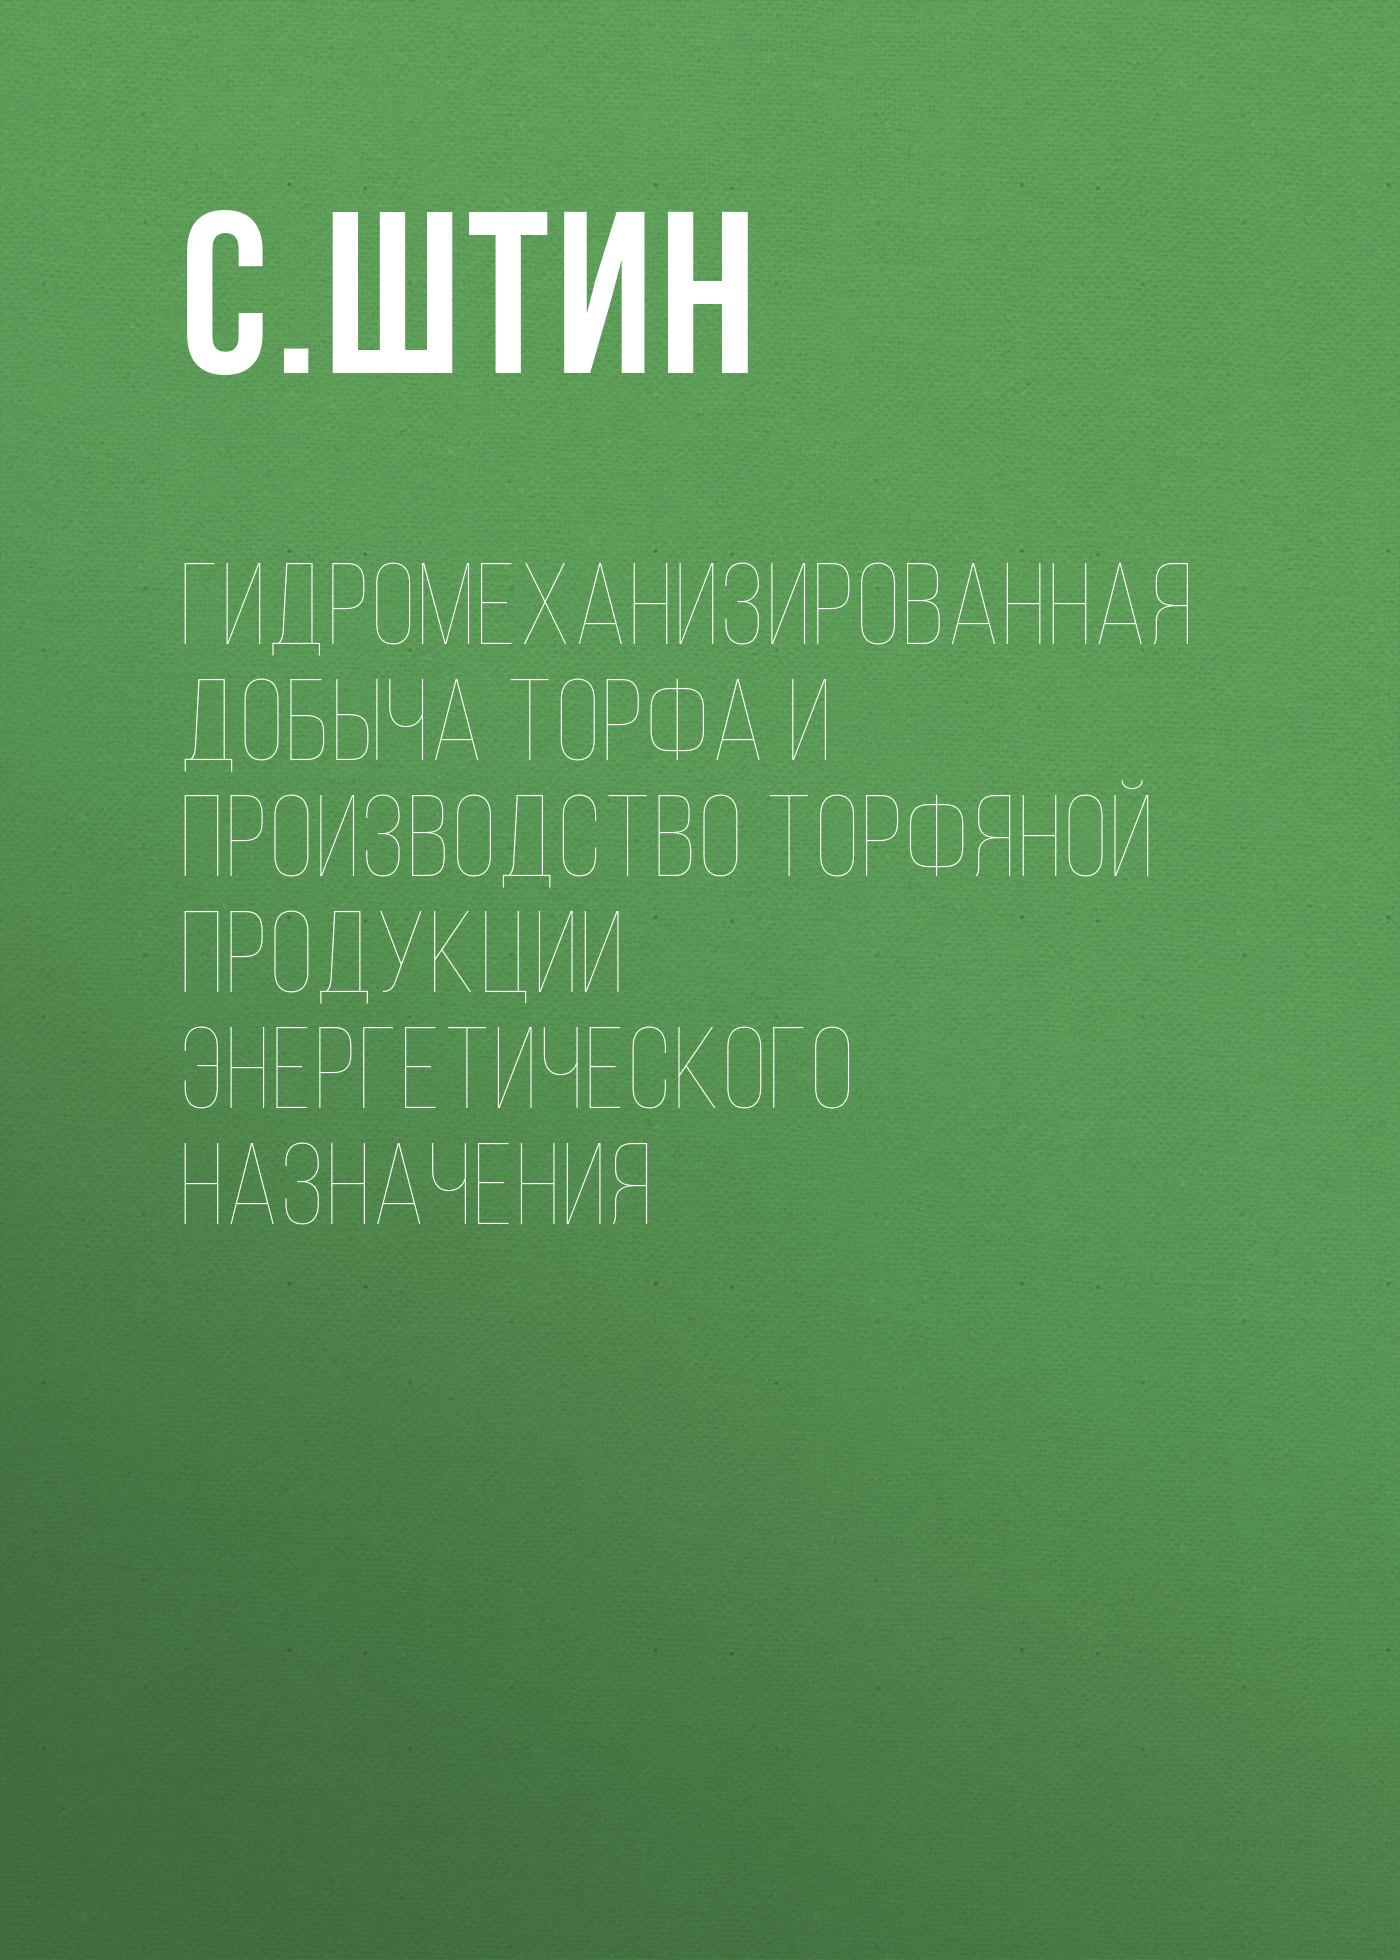 С. Штин Гидромеханизированная добыча торфа и производство торфяной продукции энергетического назначения